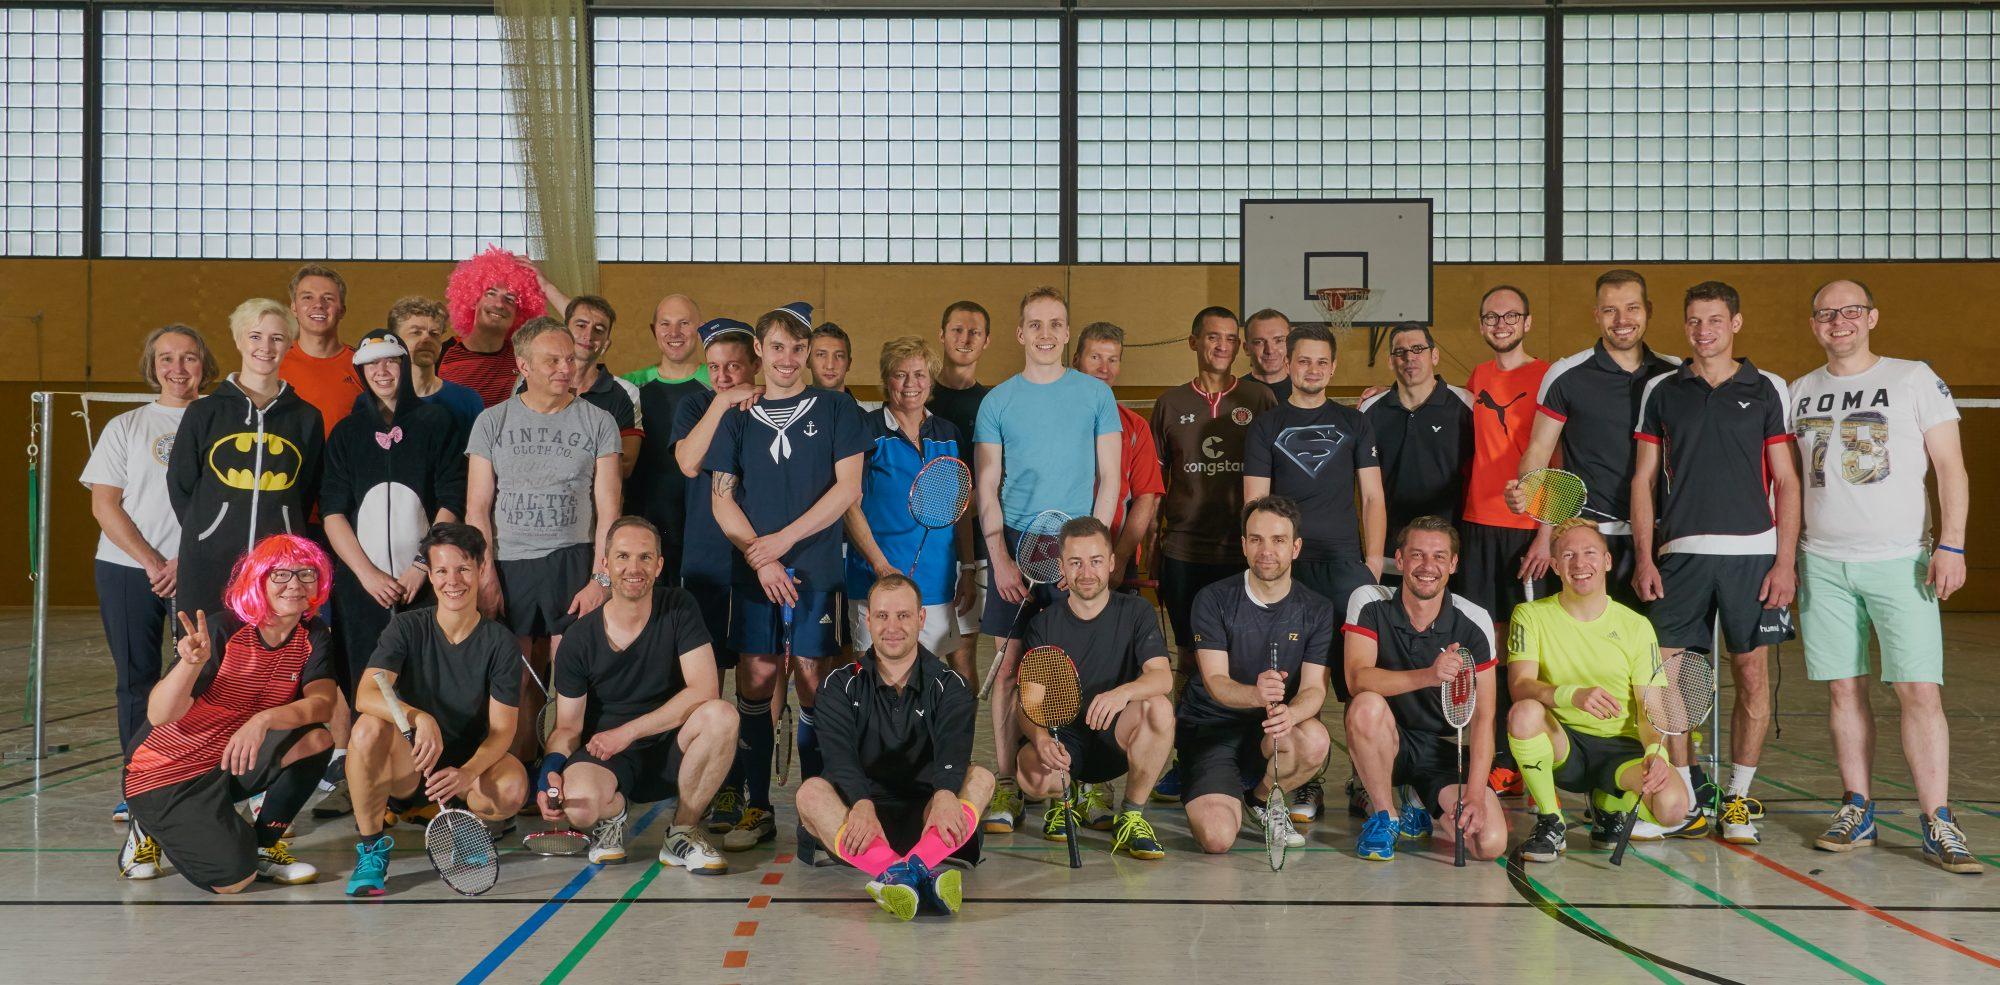 Startschuss-C-Cup 2017-Ergebnisse